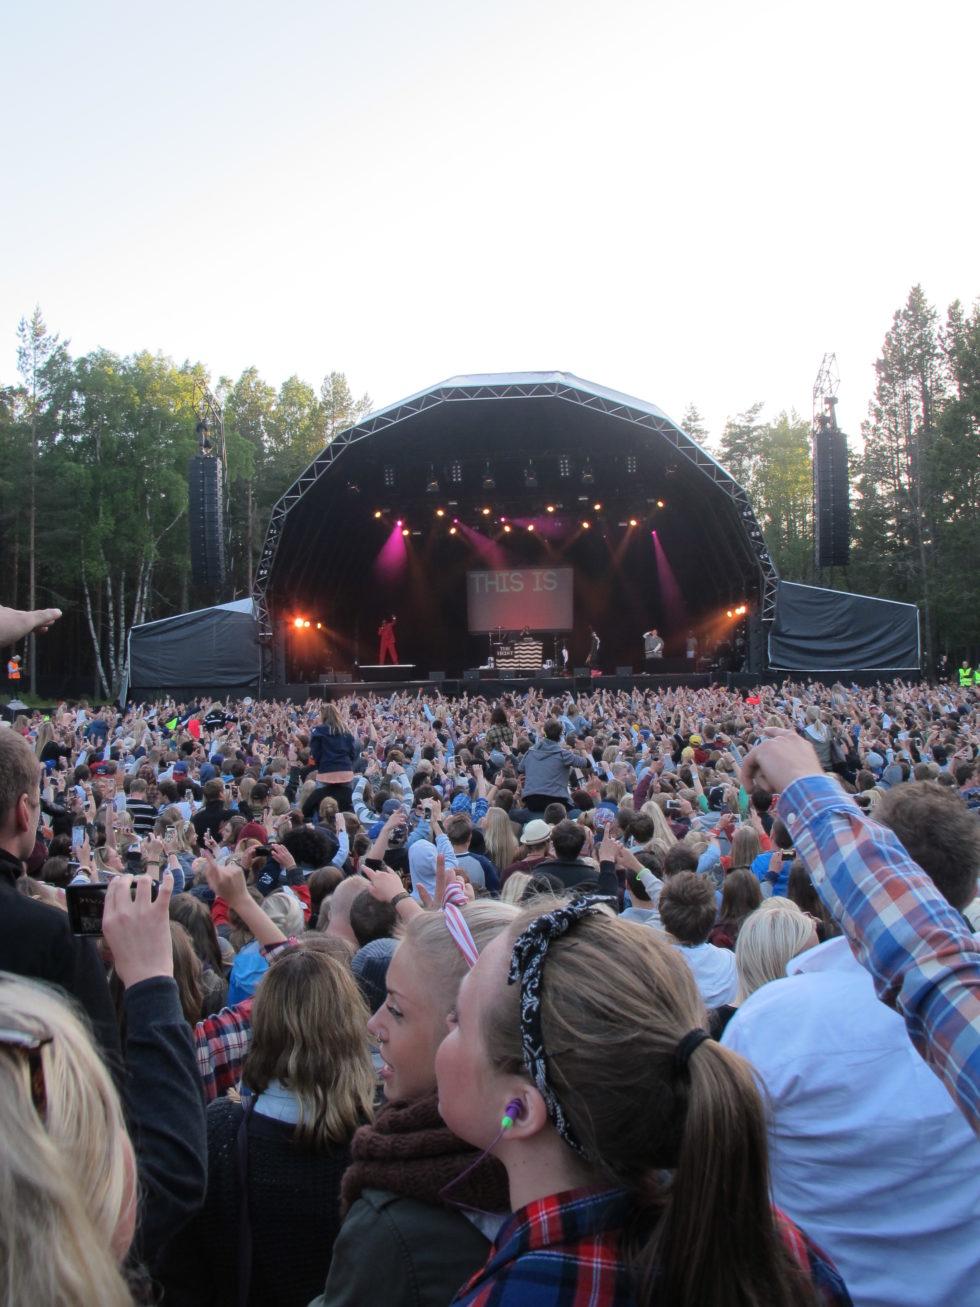 AVLYST: Festivalglede Som Her På Bildet Vil Ikke Avholdes På Hove Neste Helg. Arkivfoto